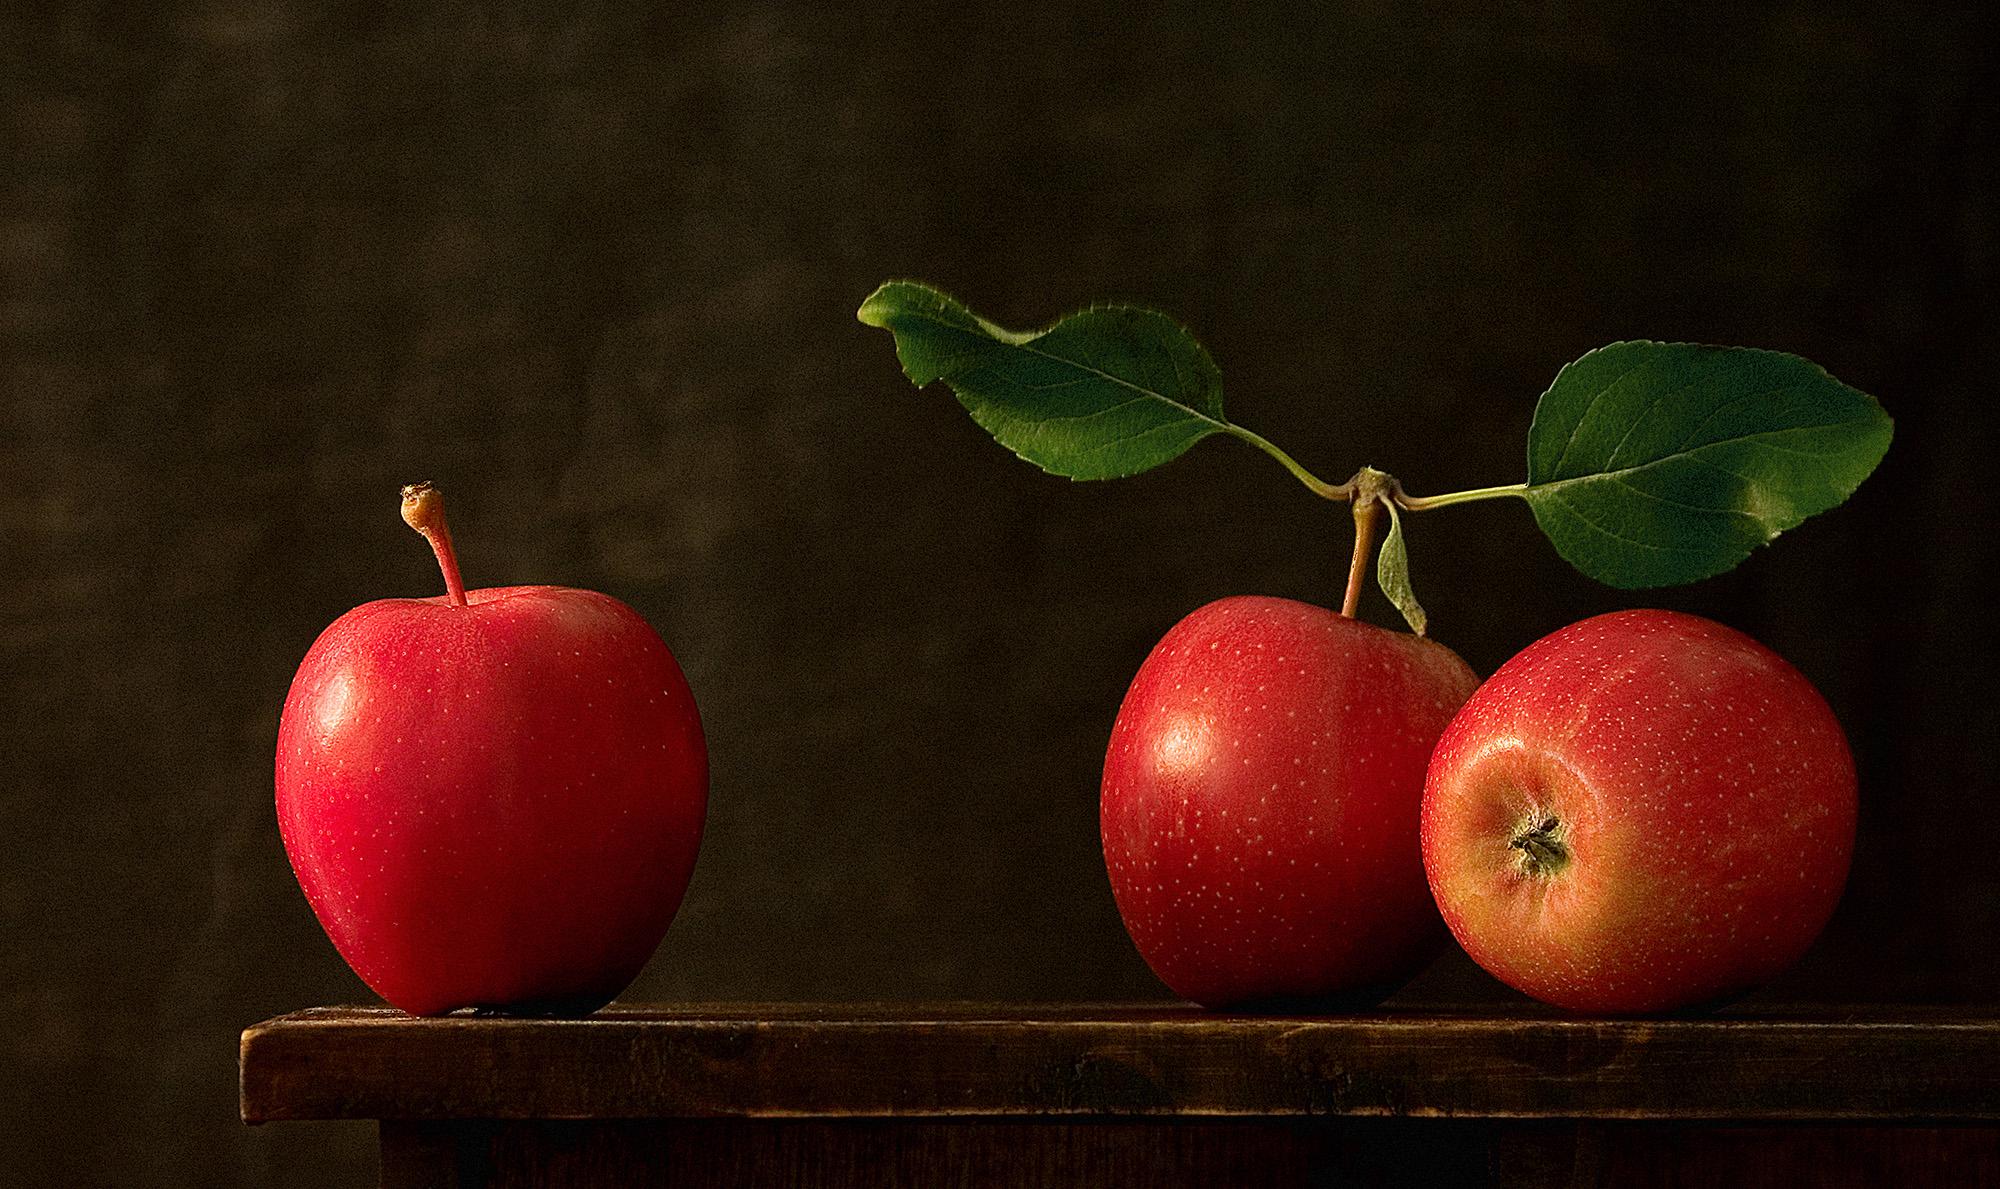 foto van drie rode appels op een tafel